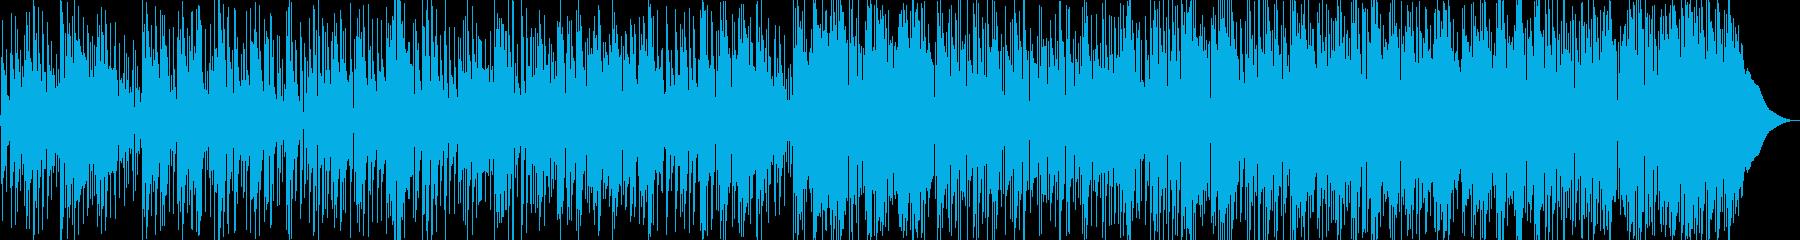 ゆったりくつろぐイージーリスニングの再生済みの波形